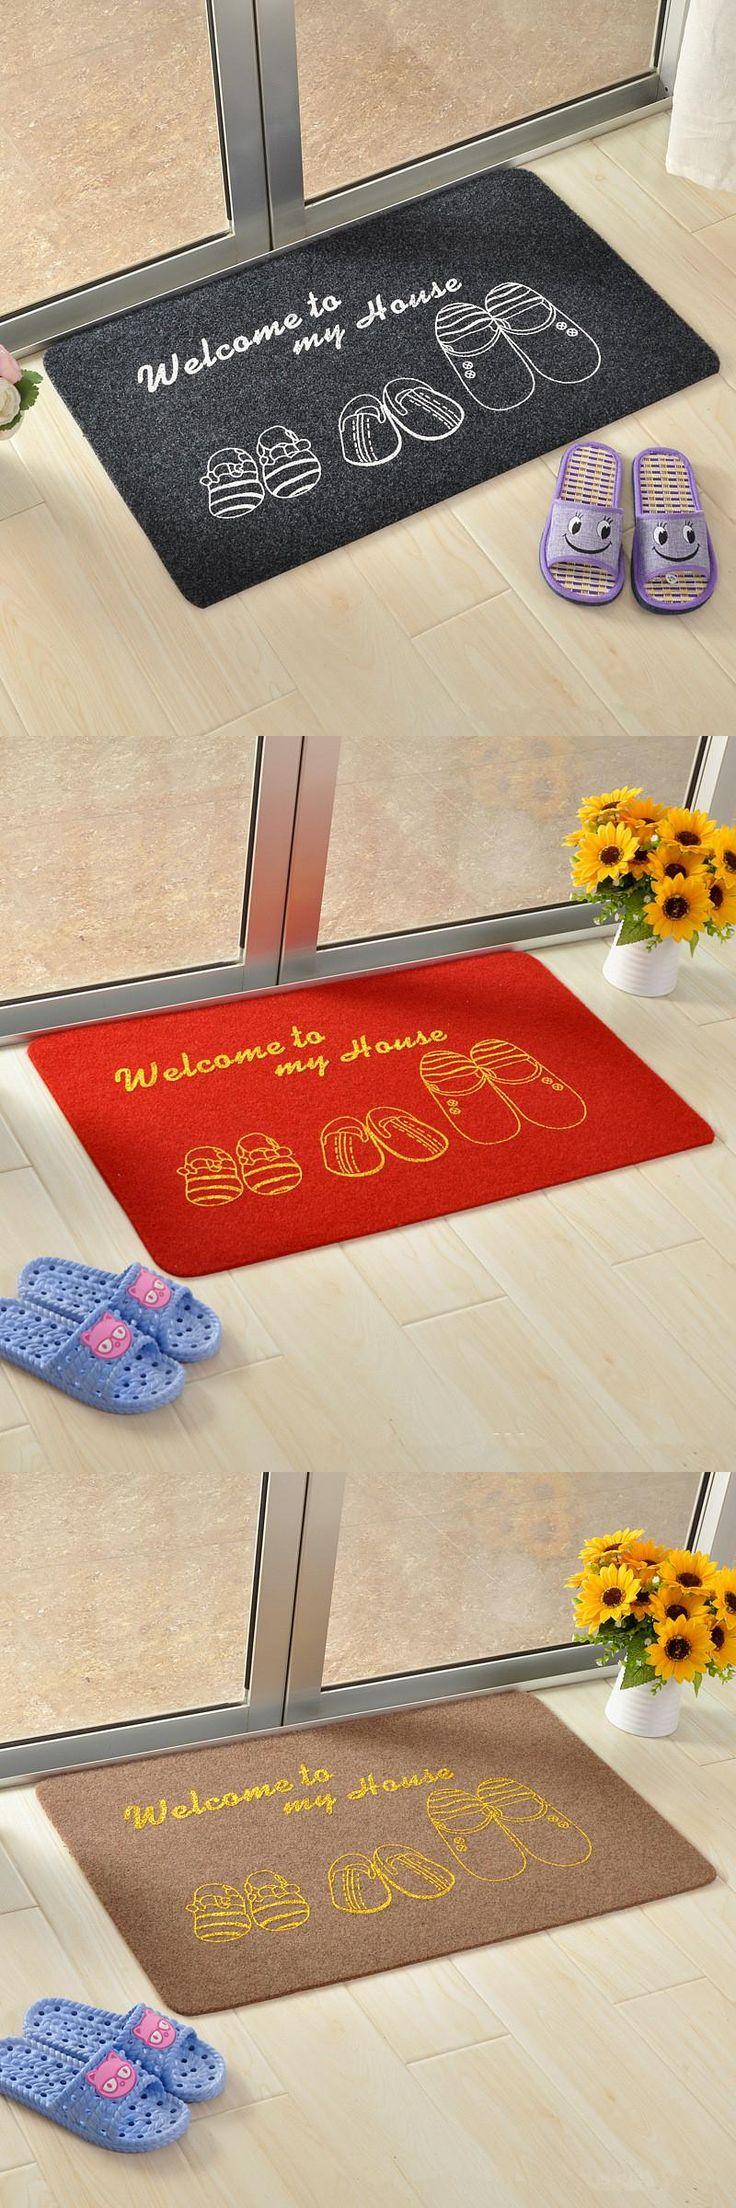 [Visit to Buy] 40cmx60cm Home Supplies Carpets Door Mats Outdoor Home Living Room Entrance Door Mats Absorbent Non-slip Welcome Door Mat #Advertisement